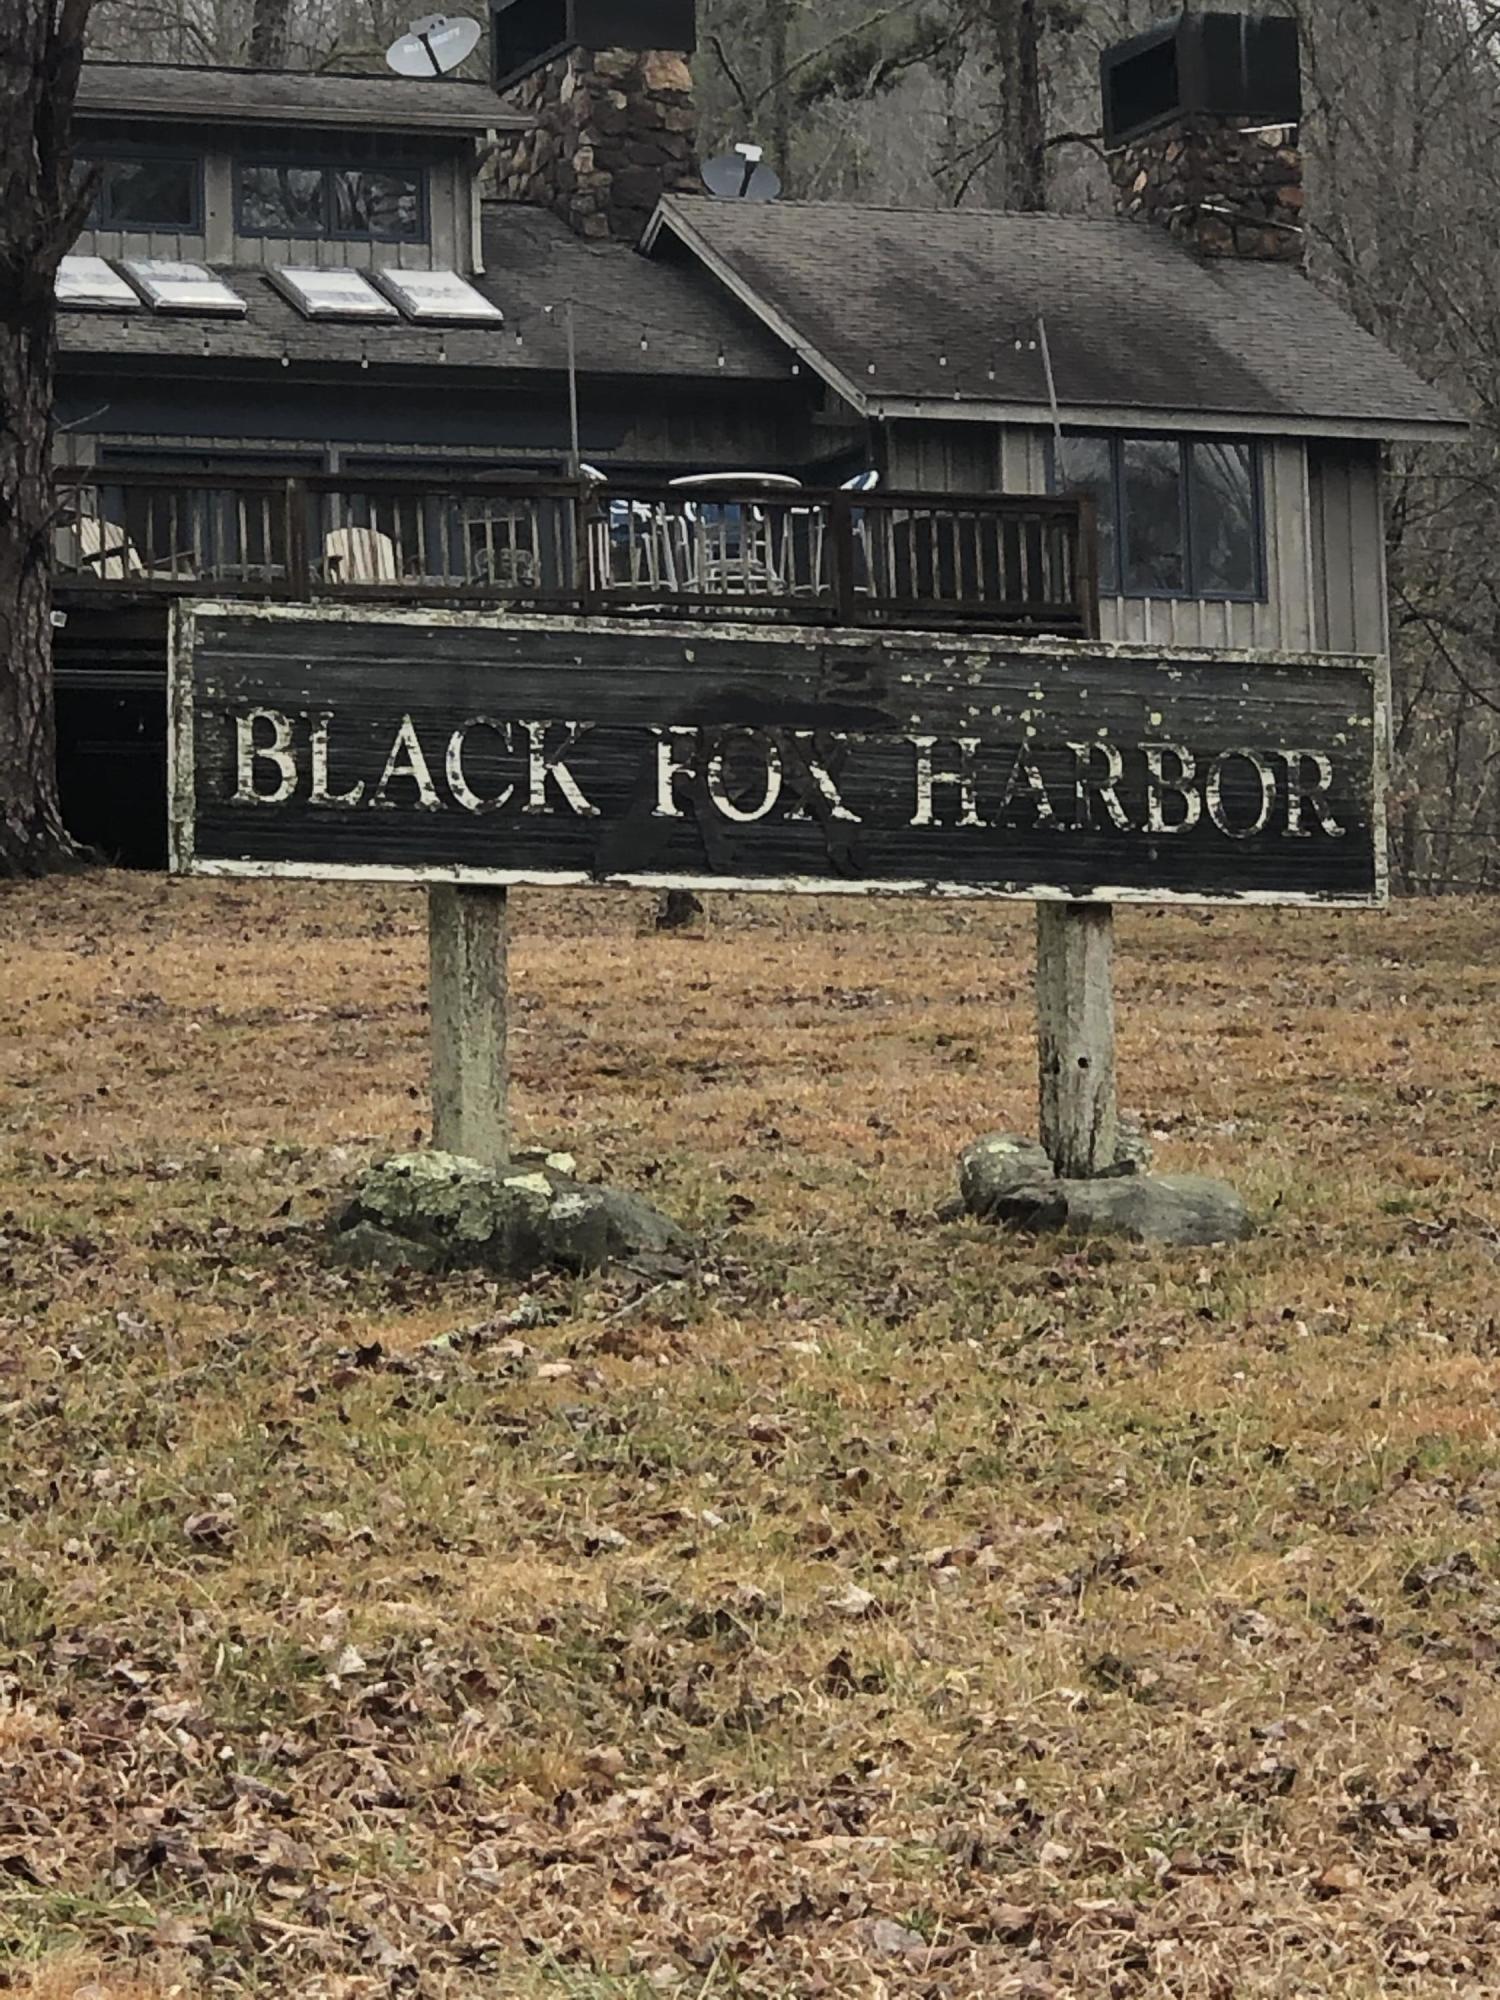 Lot 90 Black Fox Harbor Rd: